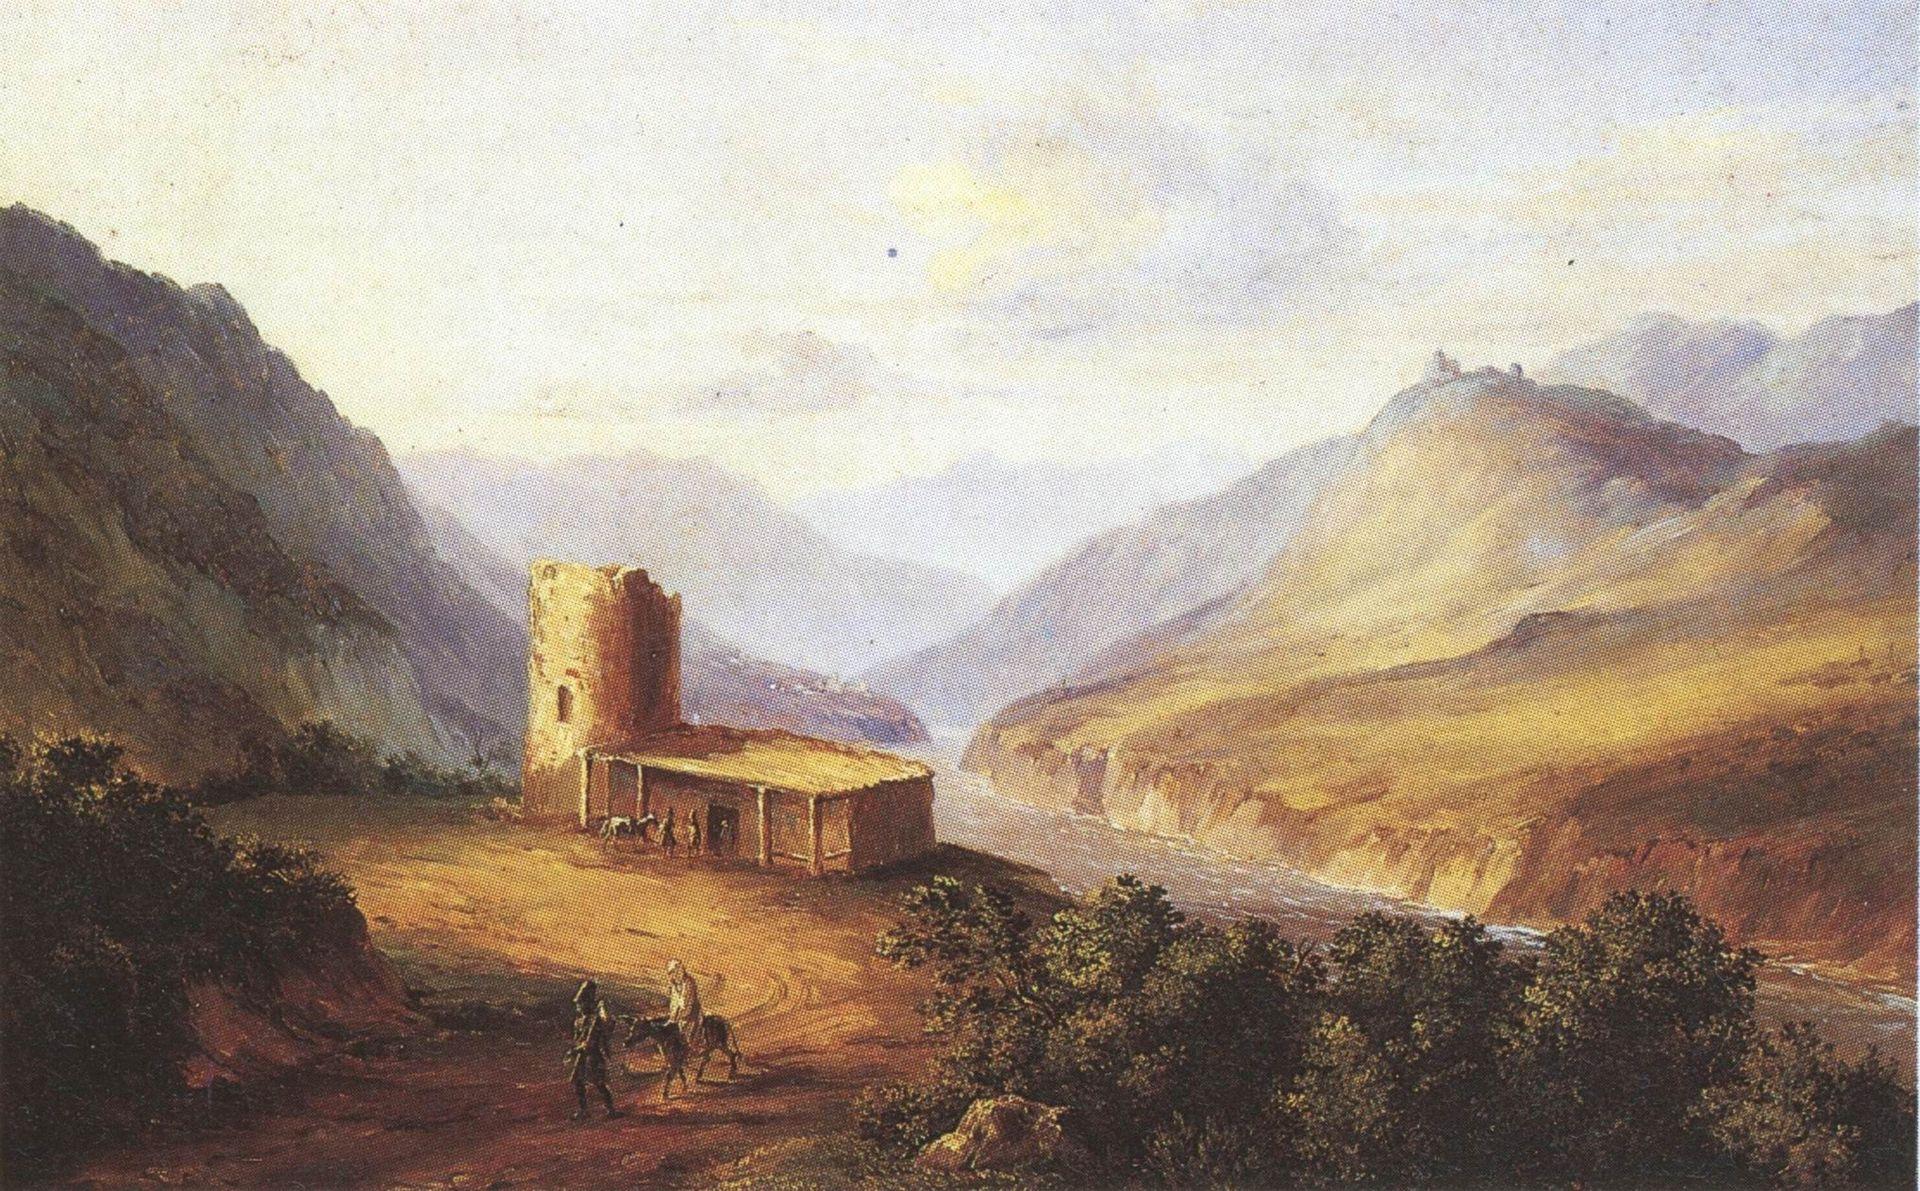 Voenno-Gruzinskaya-doroga-bliz-Mtshetyi-Kavkazskiy-vid-s-sakley